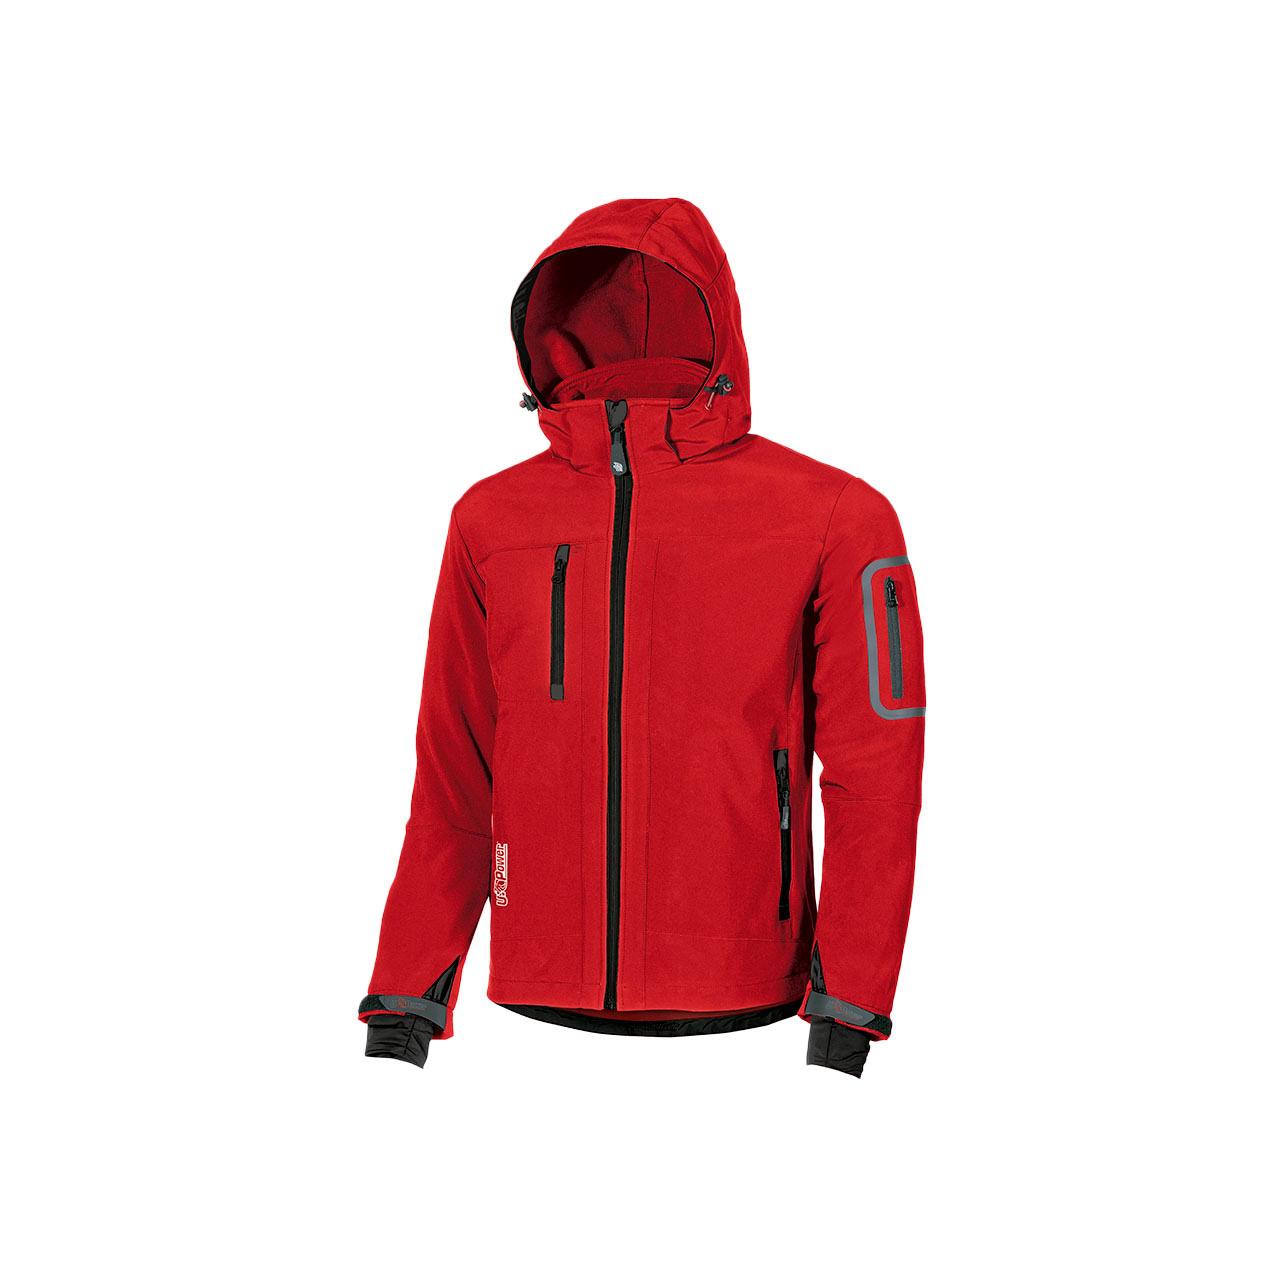 giacca da lavoro upower modello metropolis colore red magma